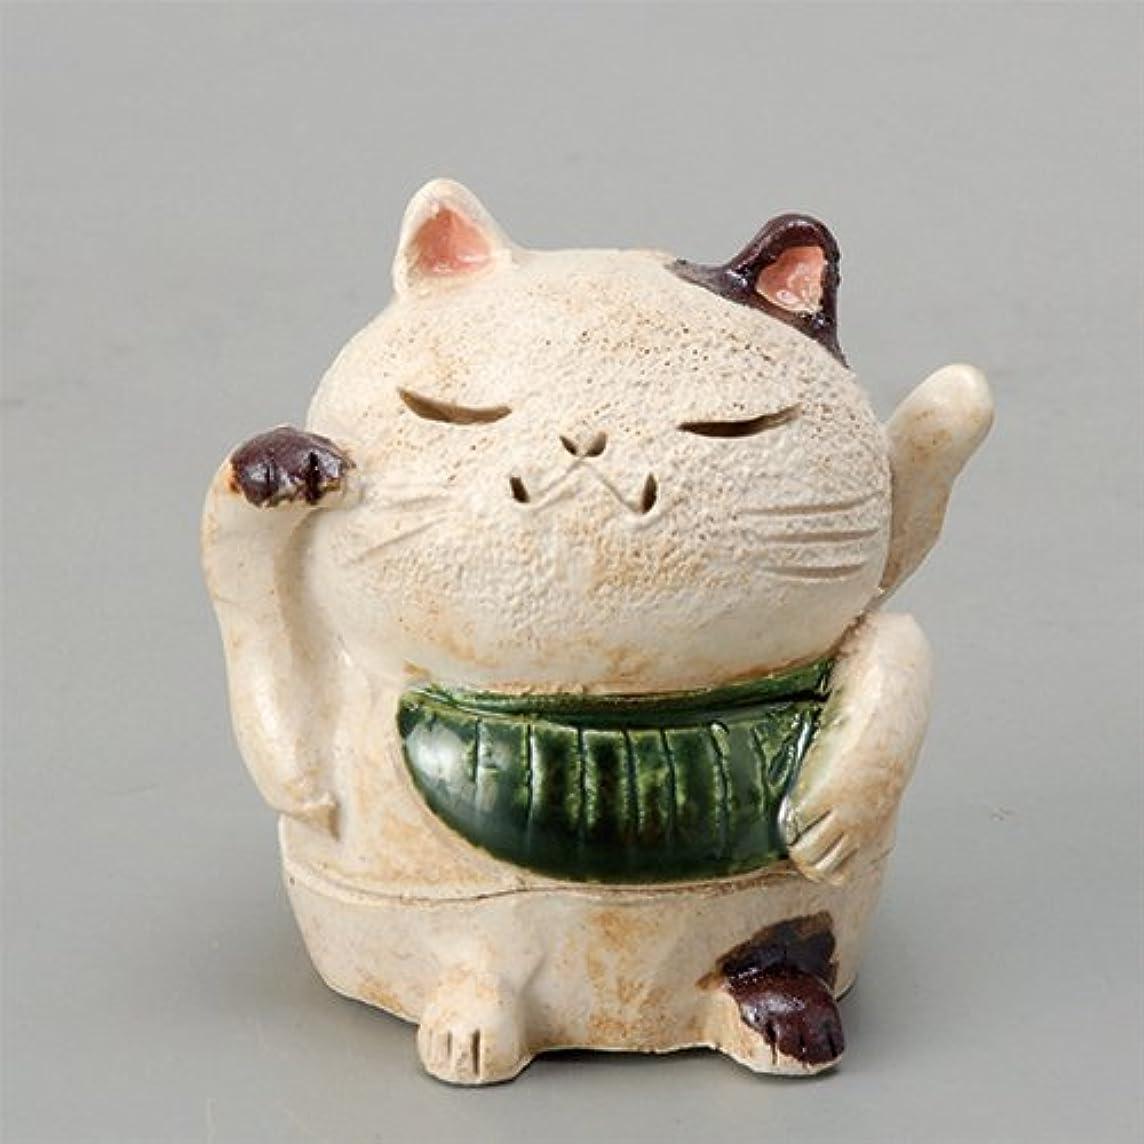 不完全な便宜万歳香炉 白萩 招き猫(お金)香炉(小) [H8cm] HANDMADE プレゼント ギフト 和食器 かわいい インテリア